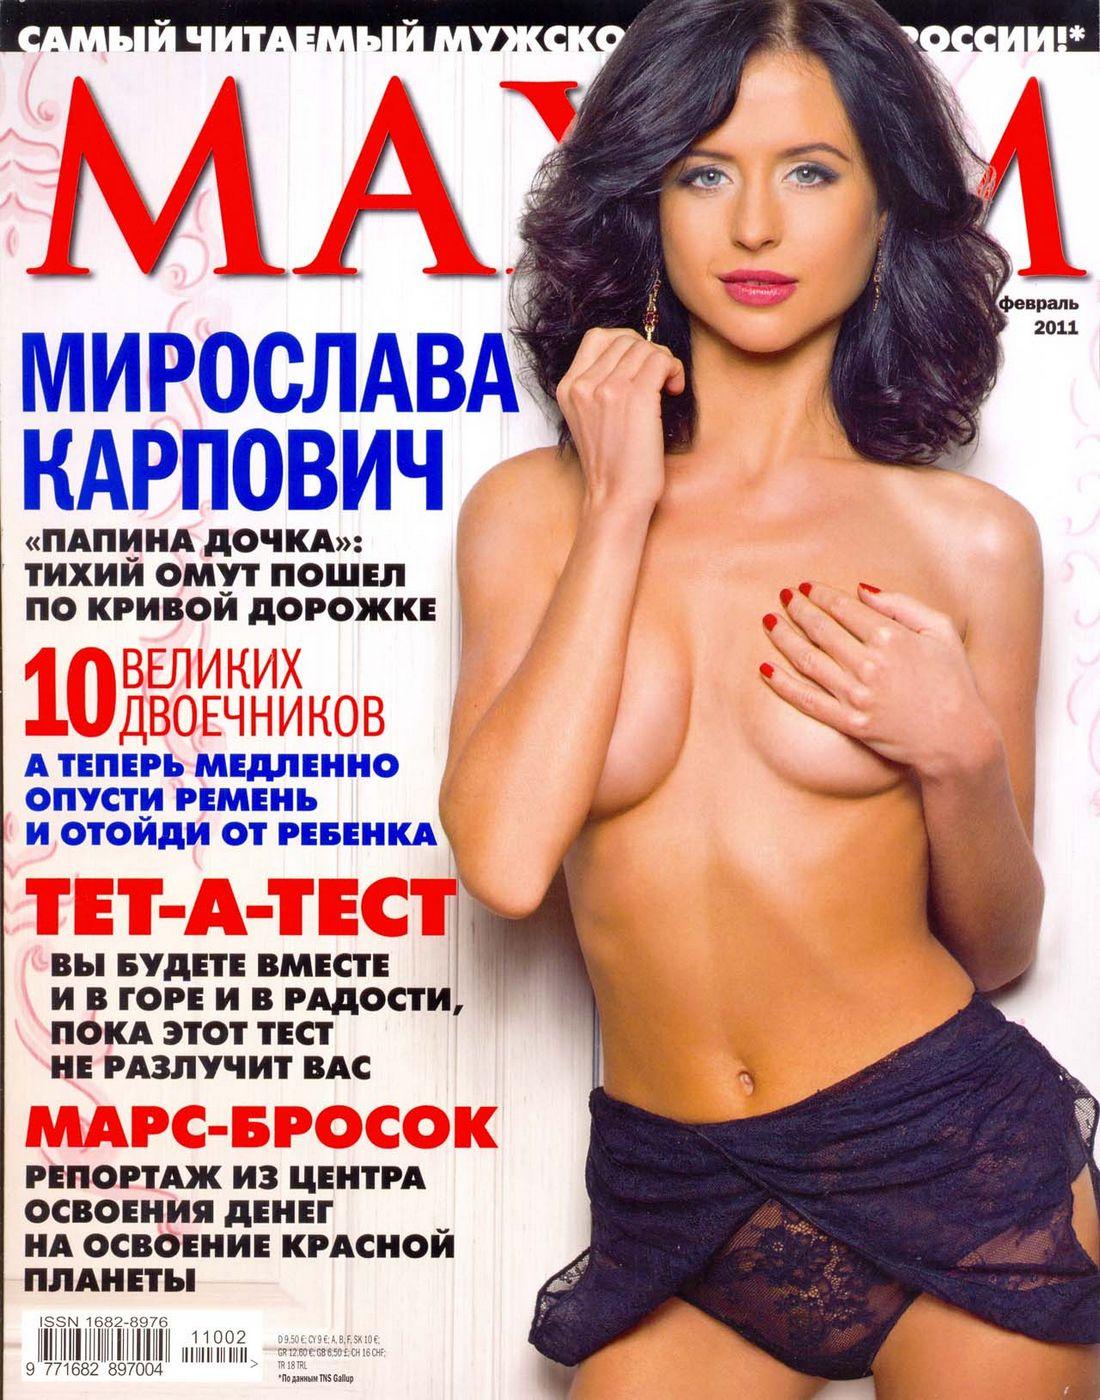 Список эротических журналов украины 27 фотография